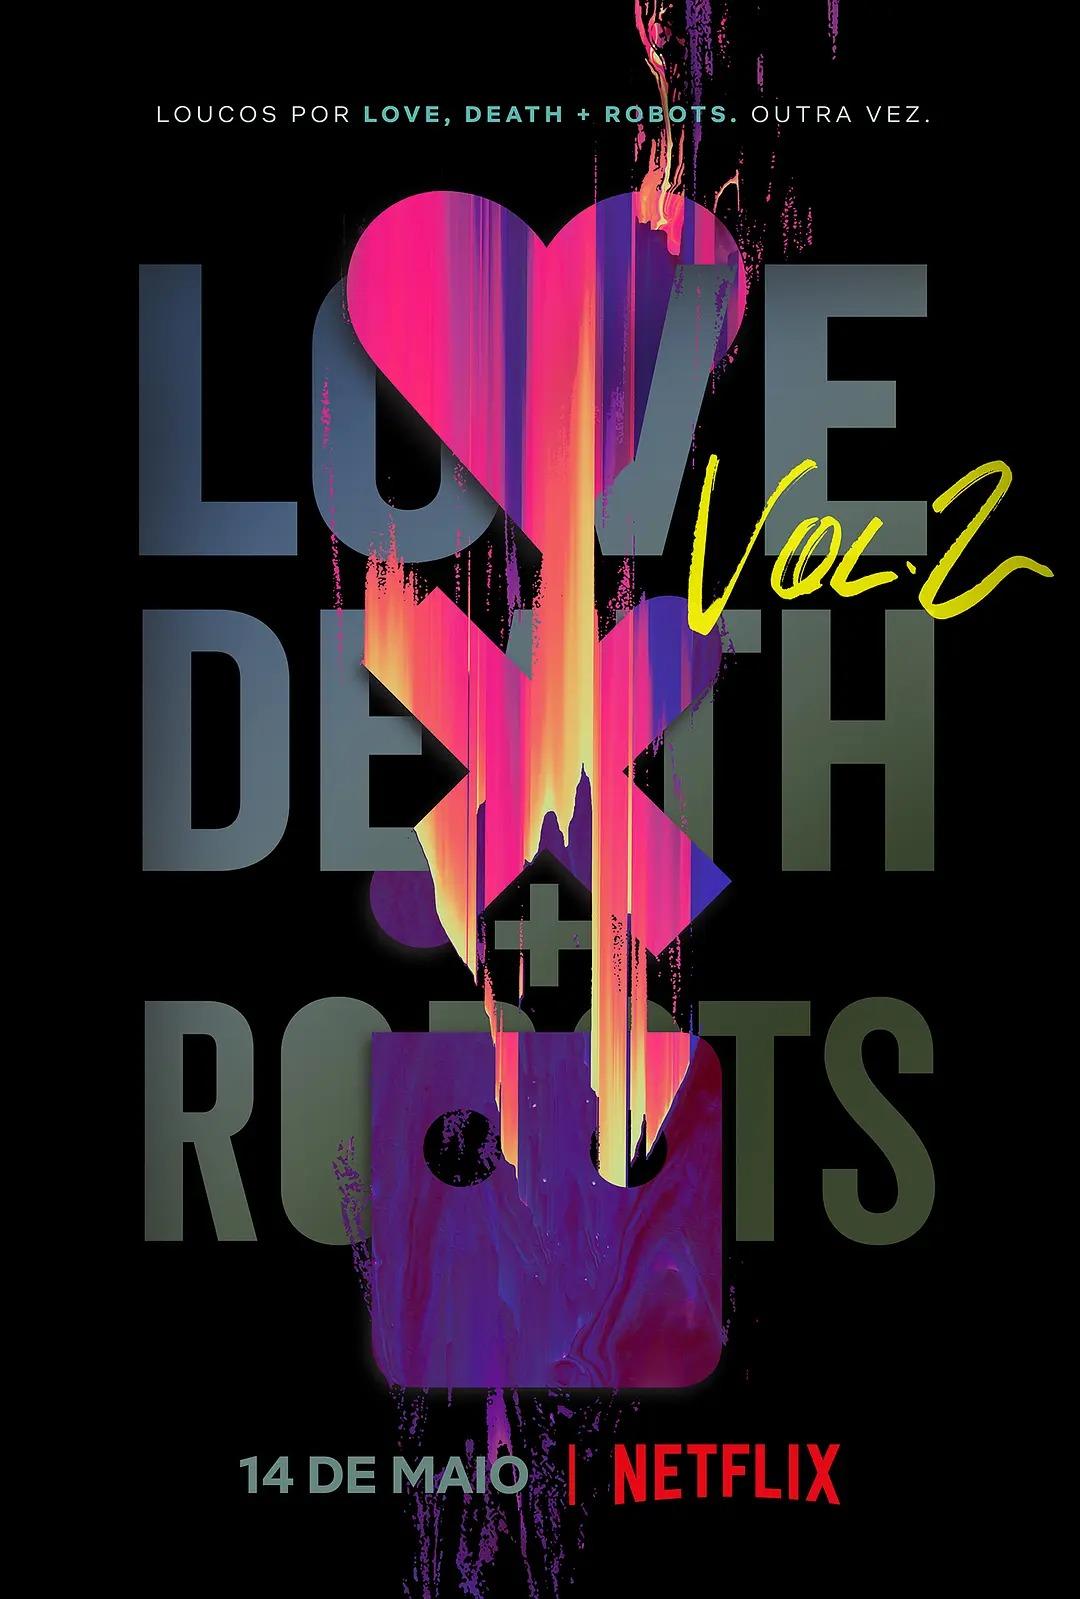 爱,死亡和机器人第二季在线观看.jpg